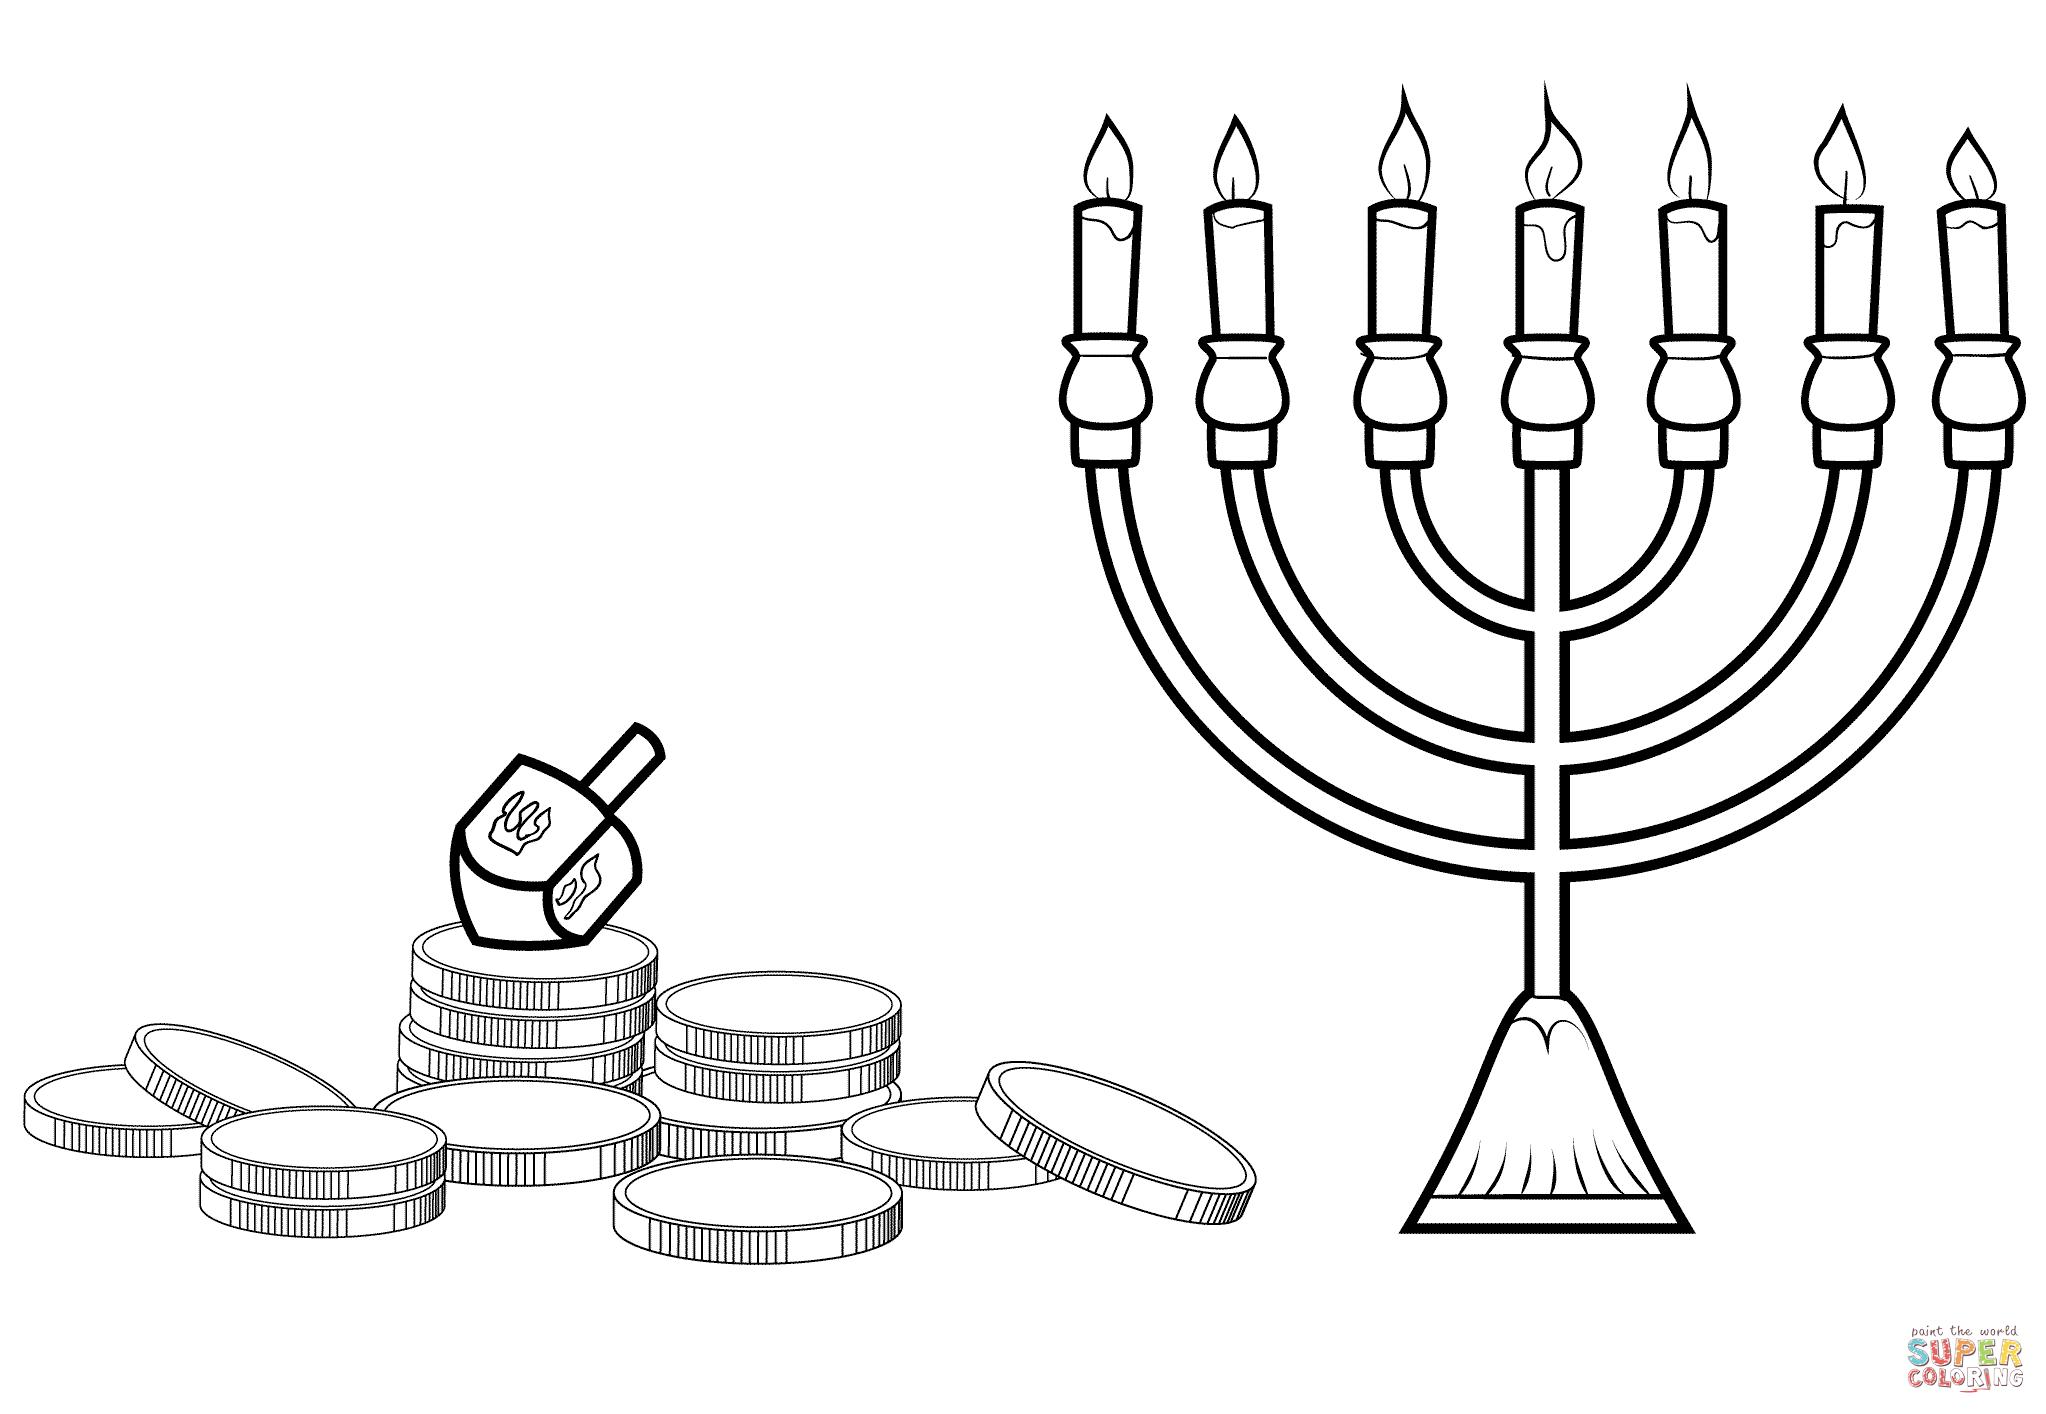 Hanukkah Menorah, Dreidel And Gelt Coloring Page | Free ...